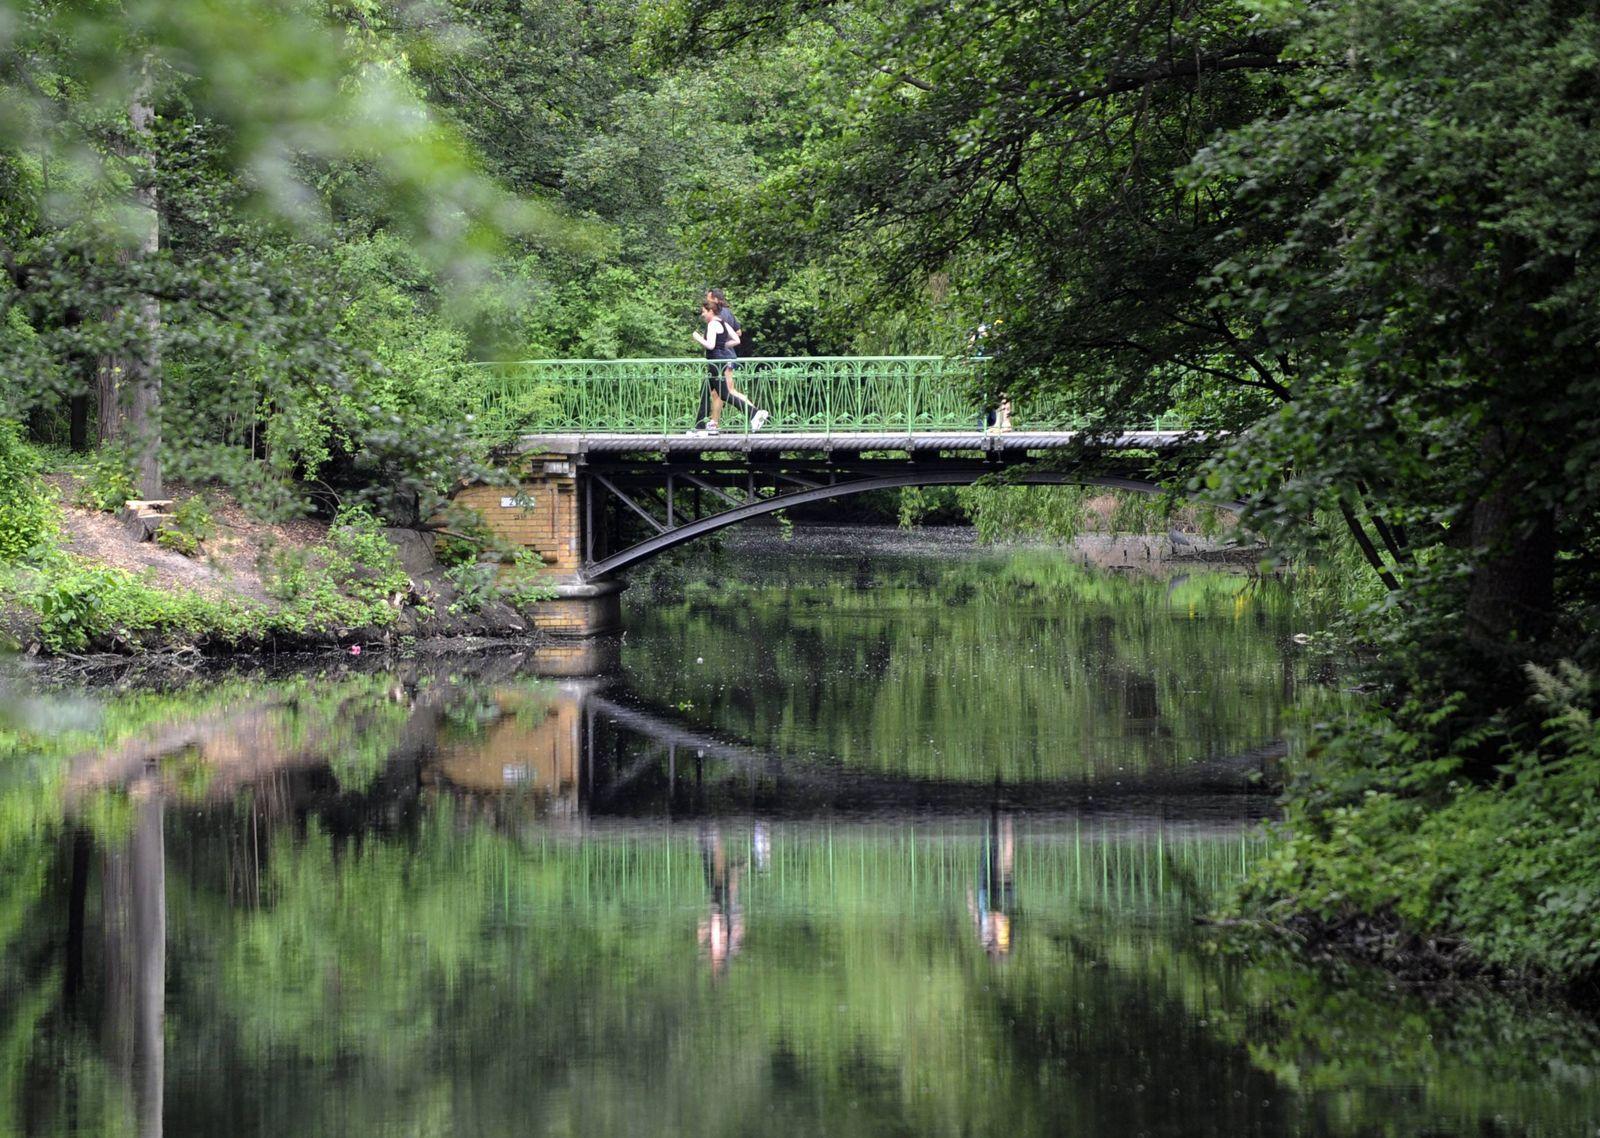 NICHT VERWENDEN Jogger im Tiergarten